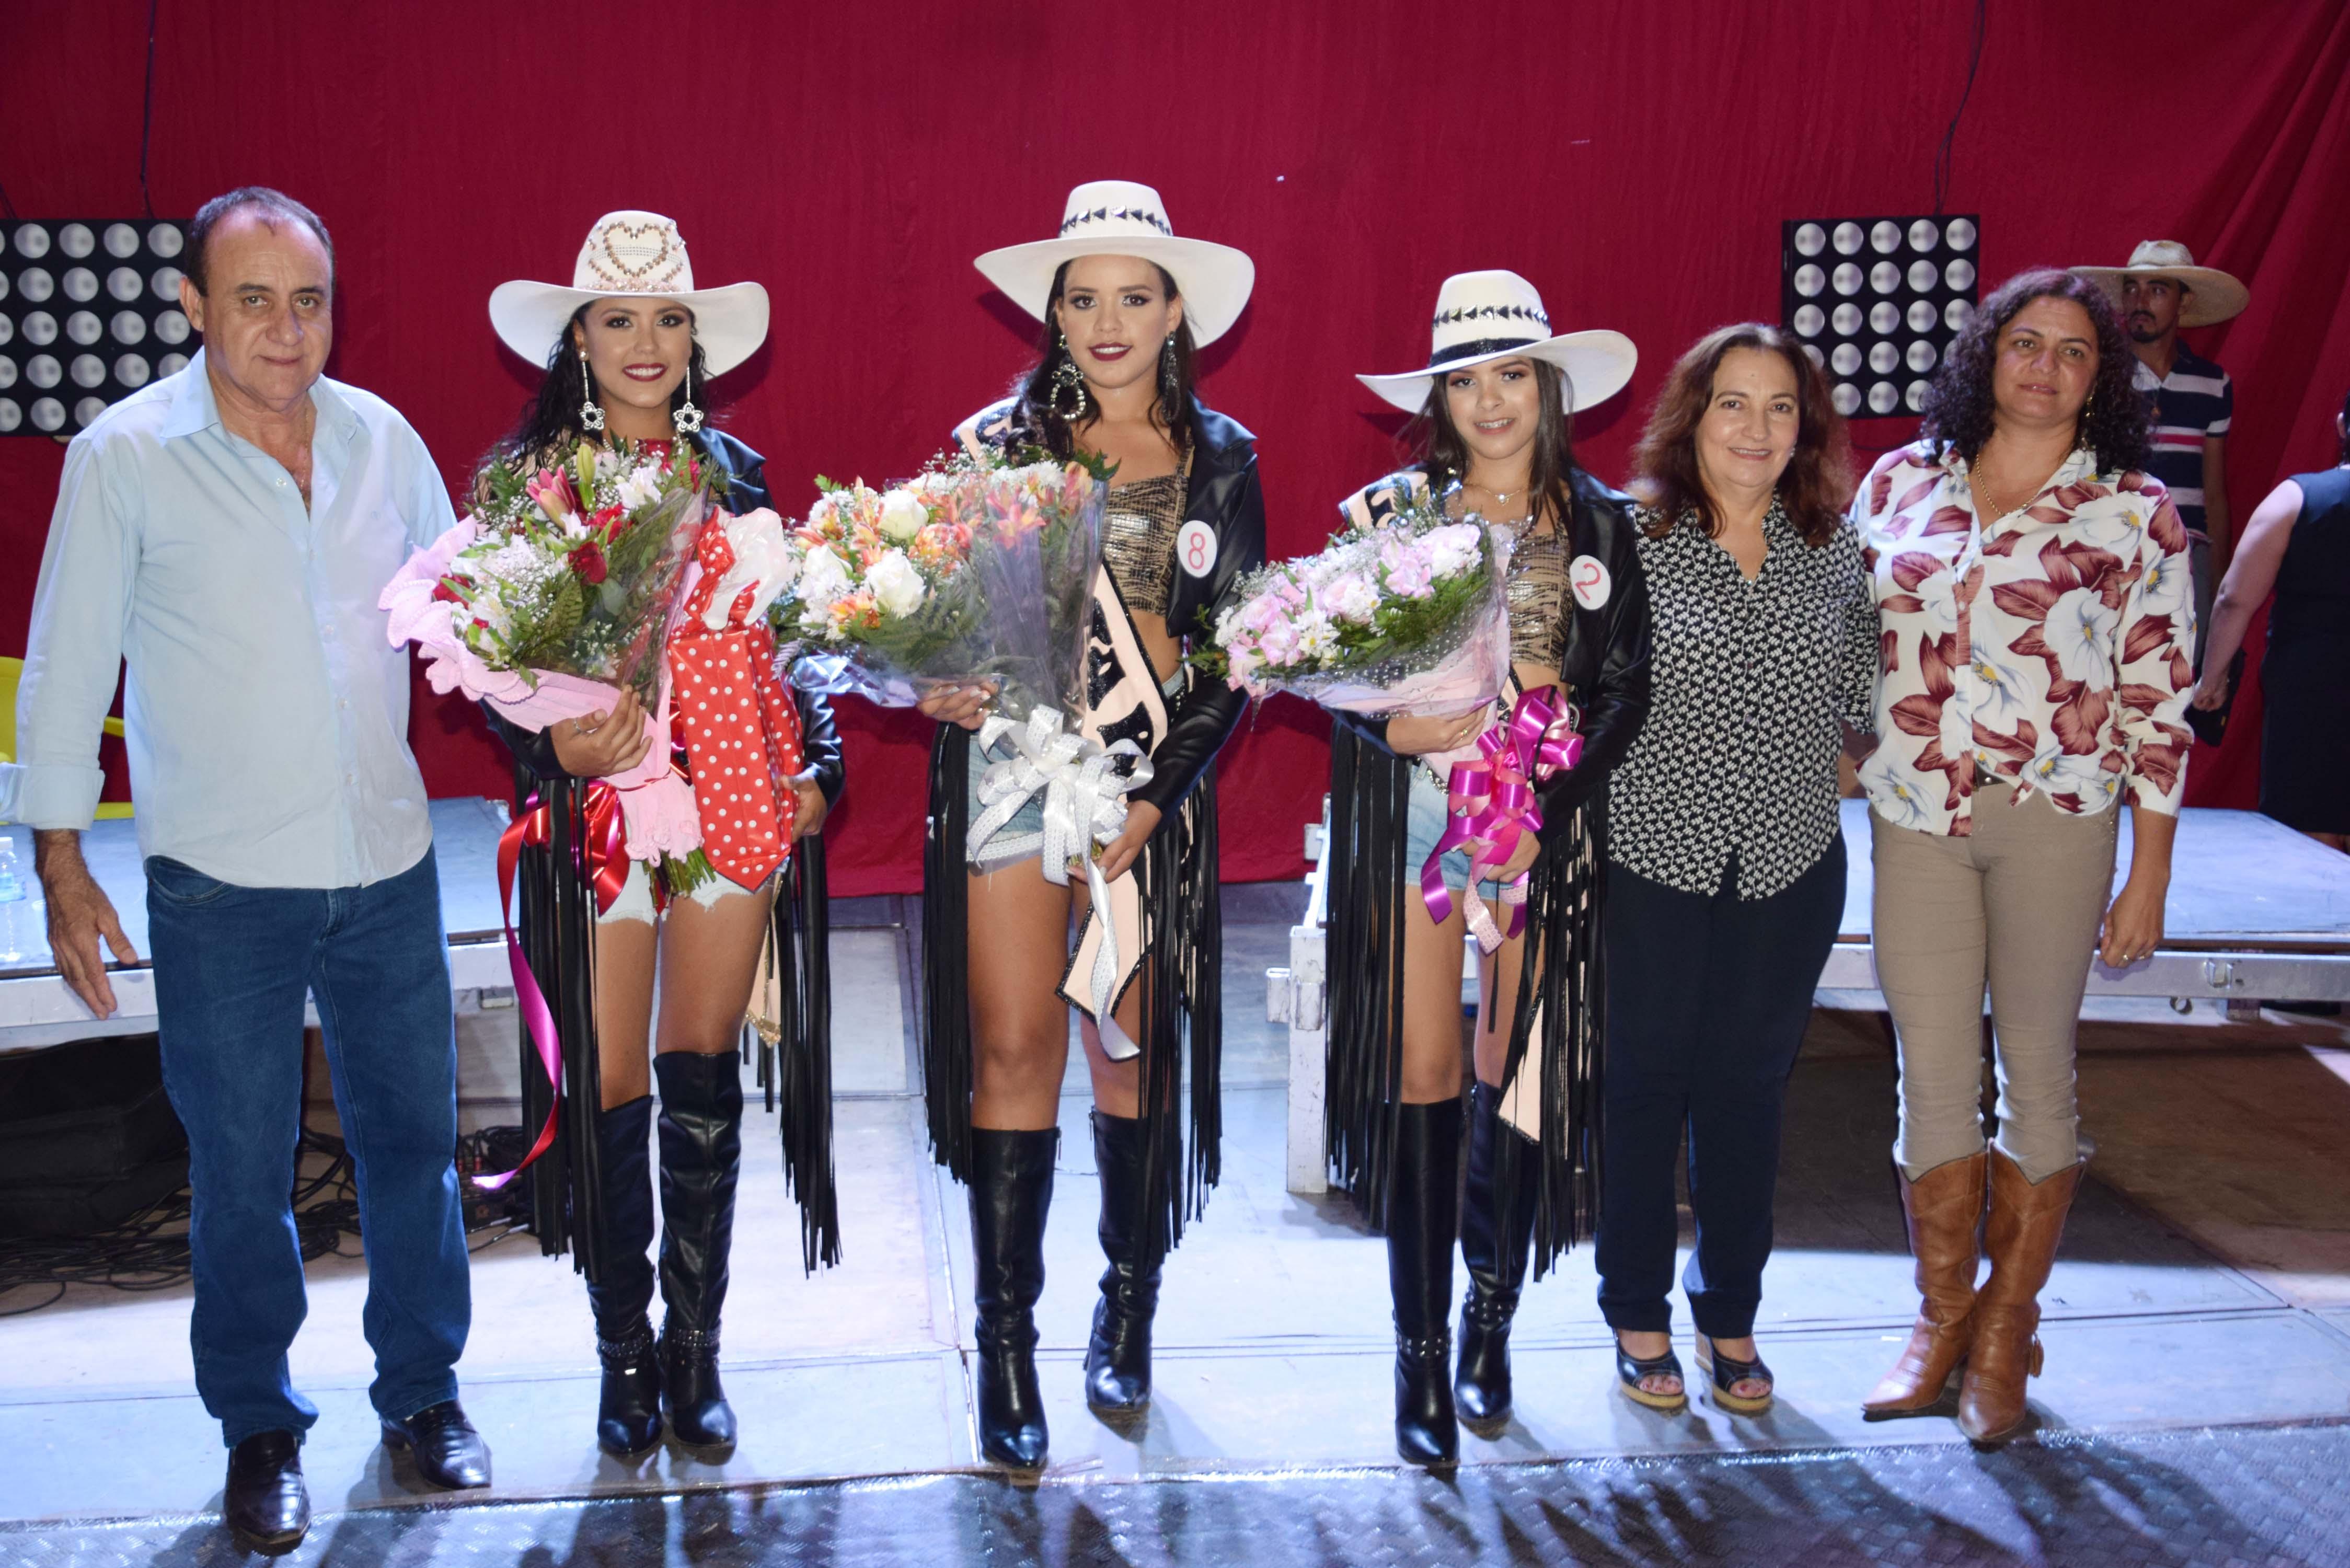 Monte Santo elege garotas da Festa do Peão e encerra primeira noite com show de Mayk Brasil